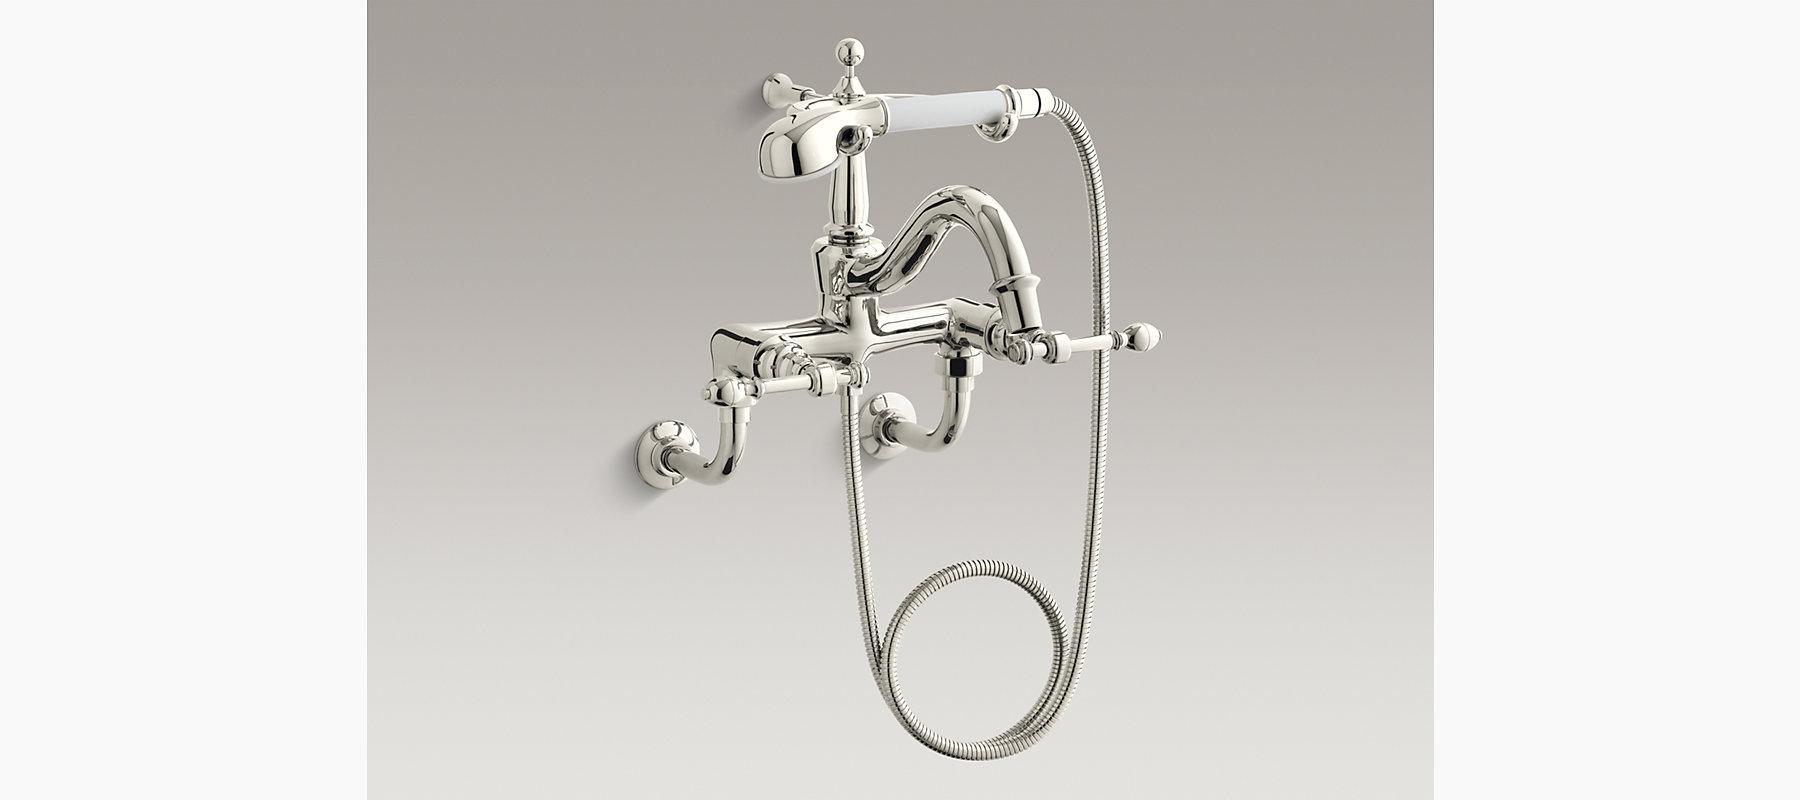 IV Georges Brass Bath Faucet With Handshower K KOHLER - Kohler brass bathroom fixtures